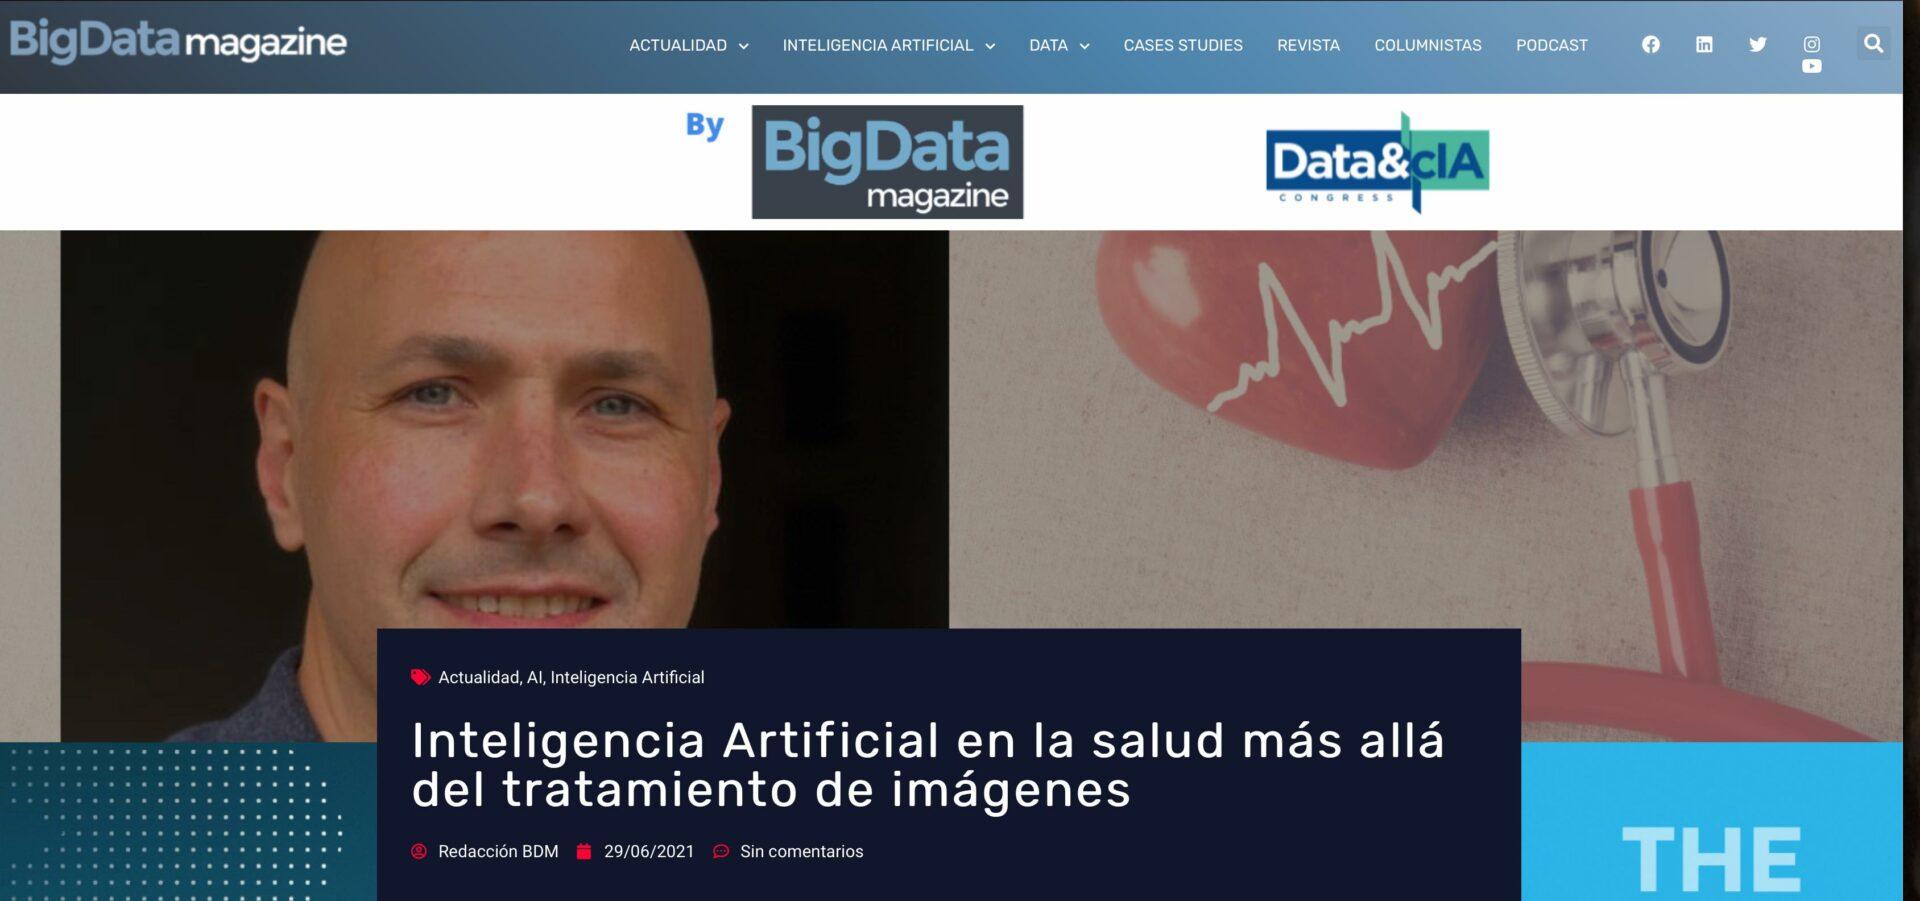 Inteligencia Artificial en la salud más allá del tratamiento de imágenes